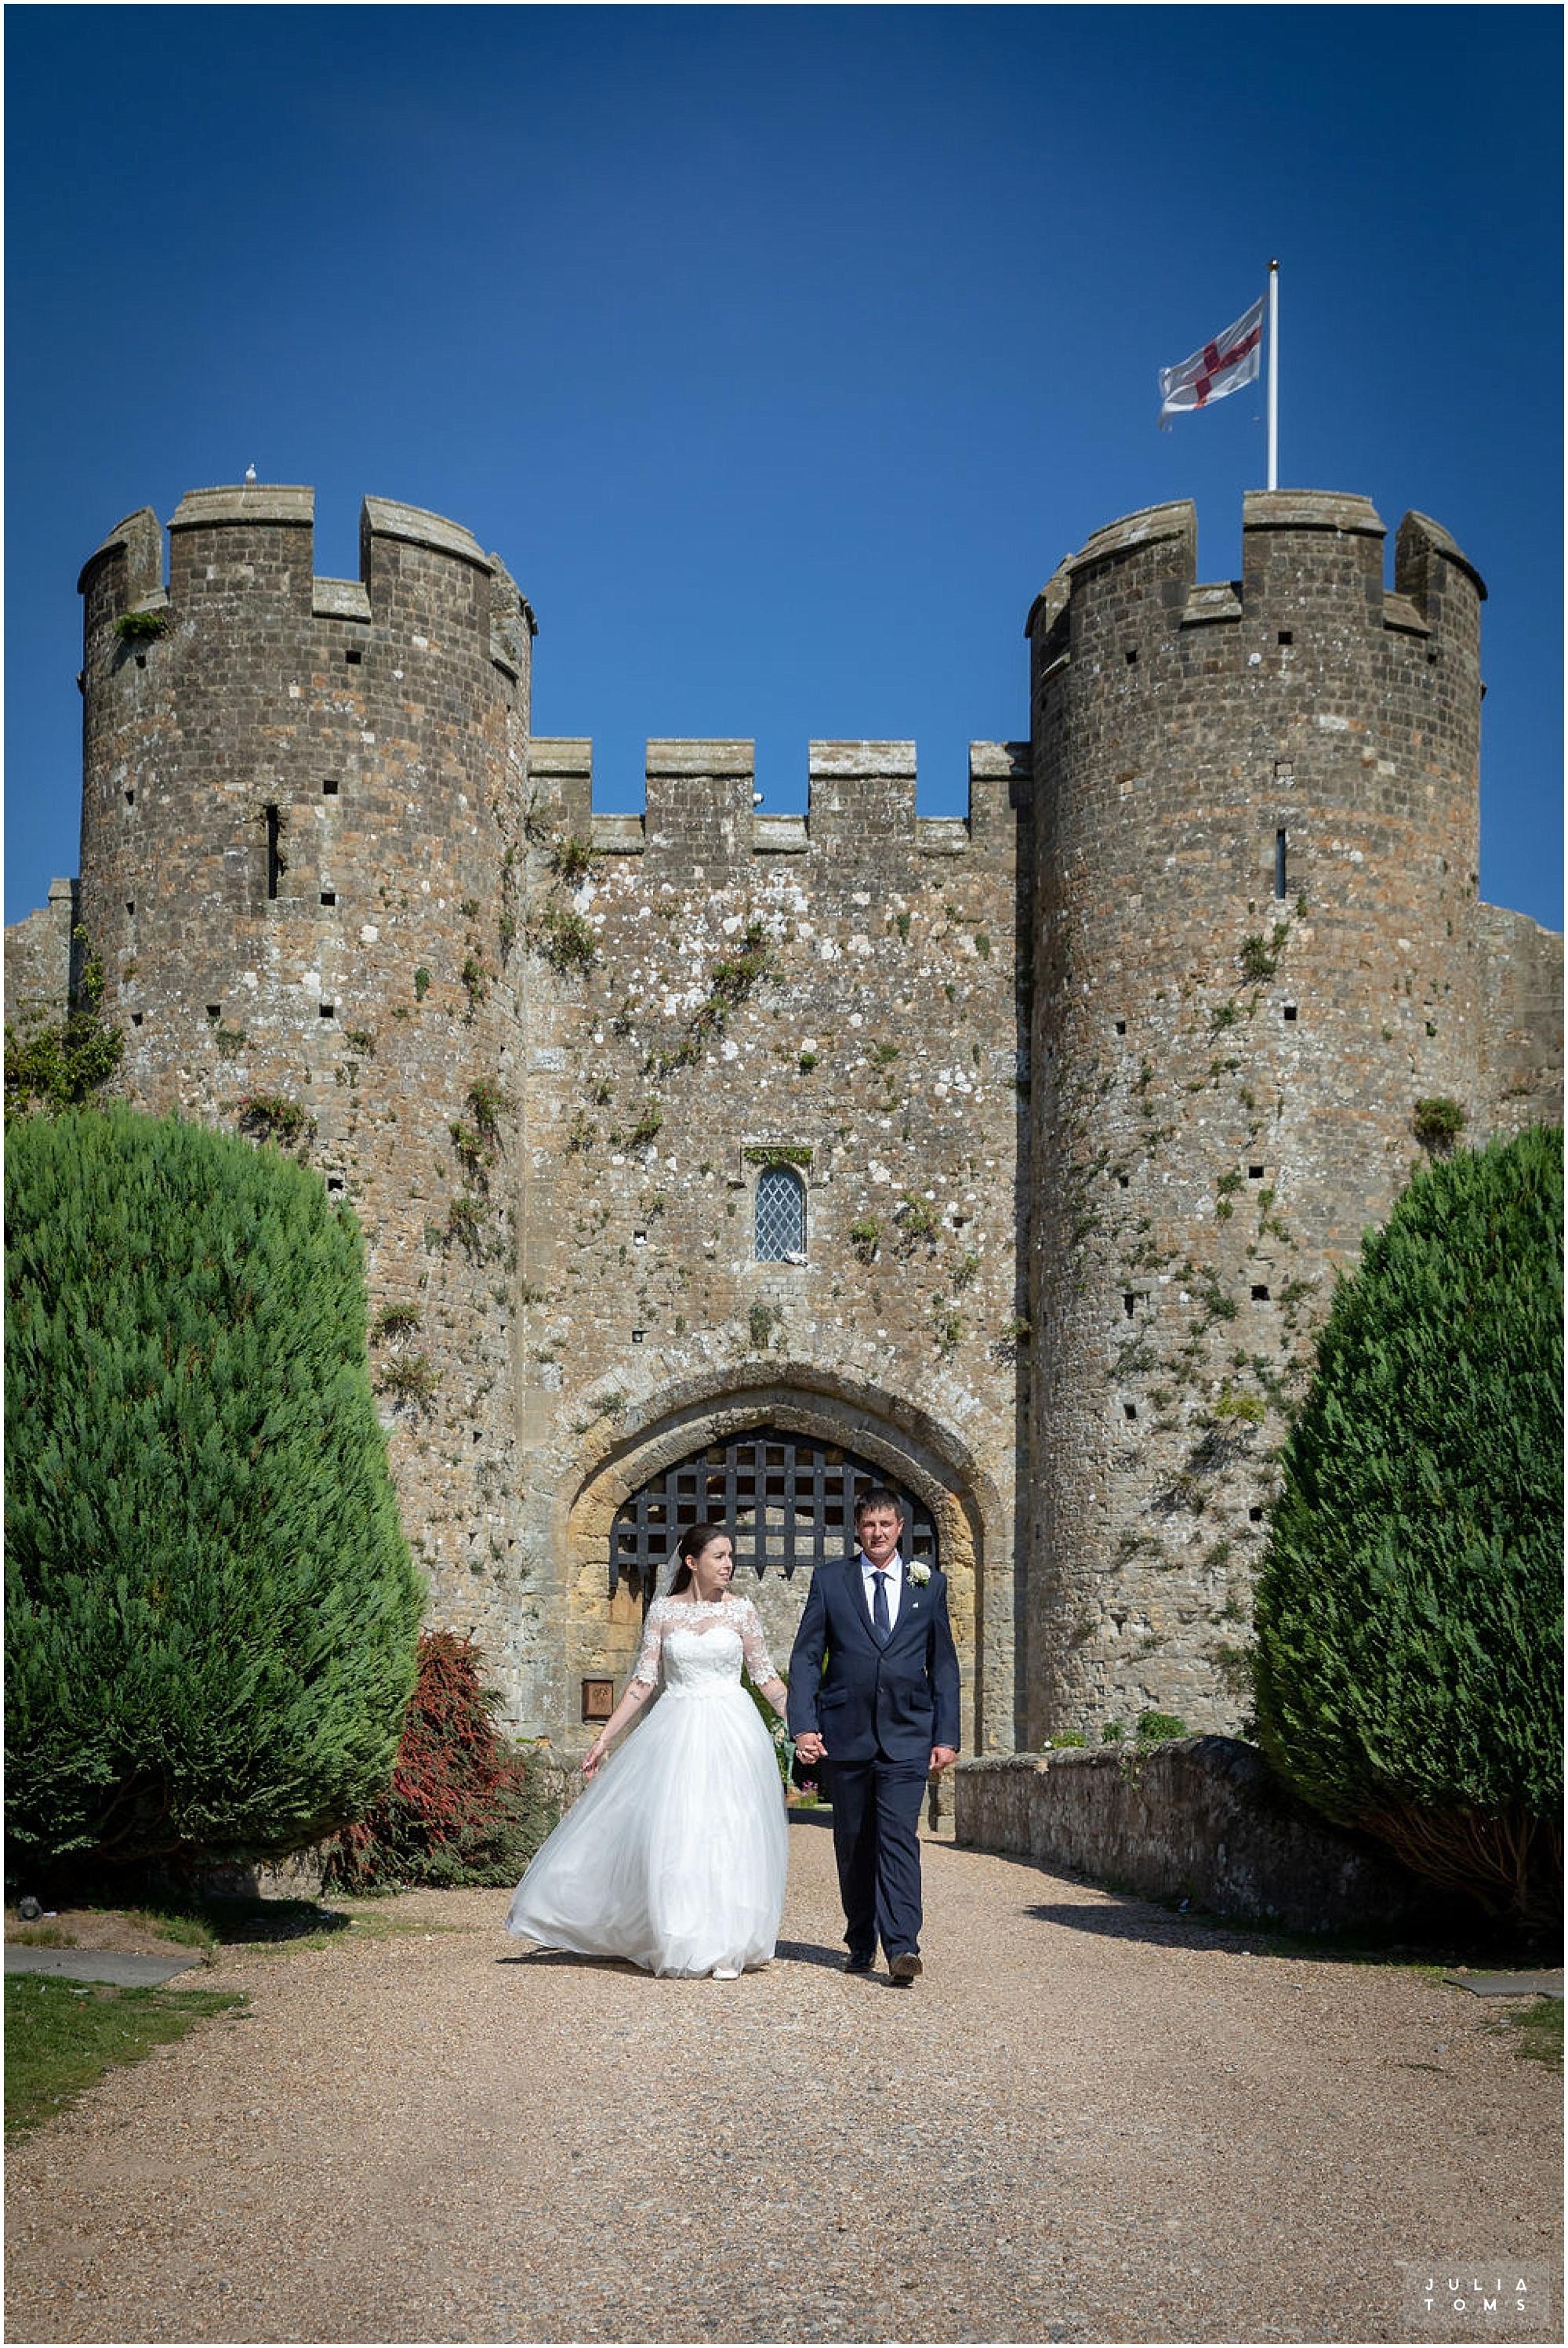 amberley_castle_wedding_photographer_029.jpg